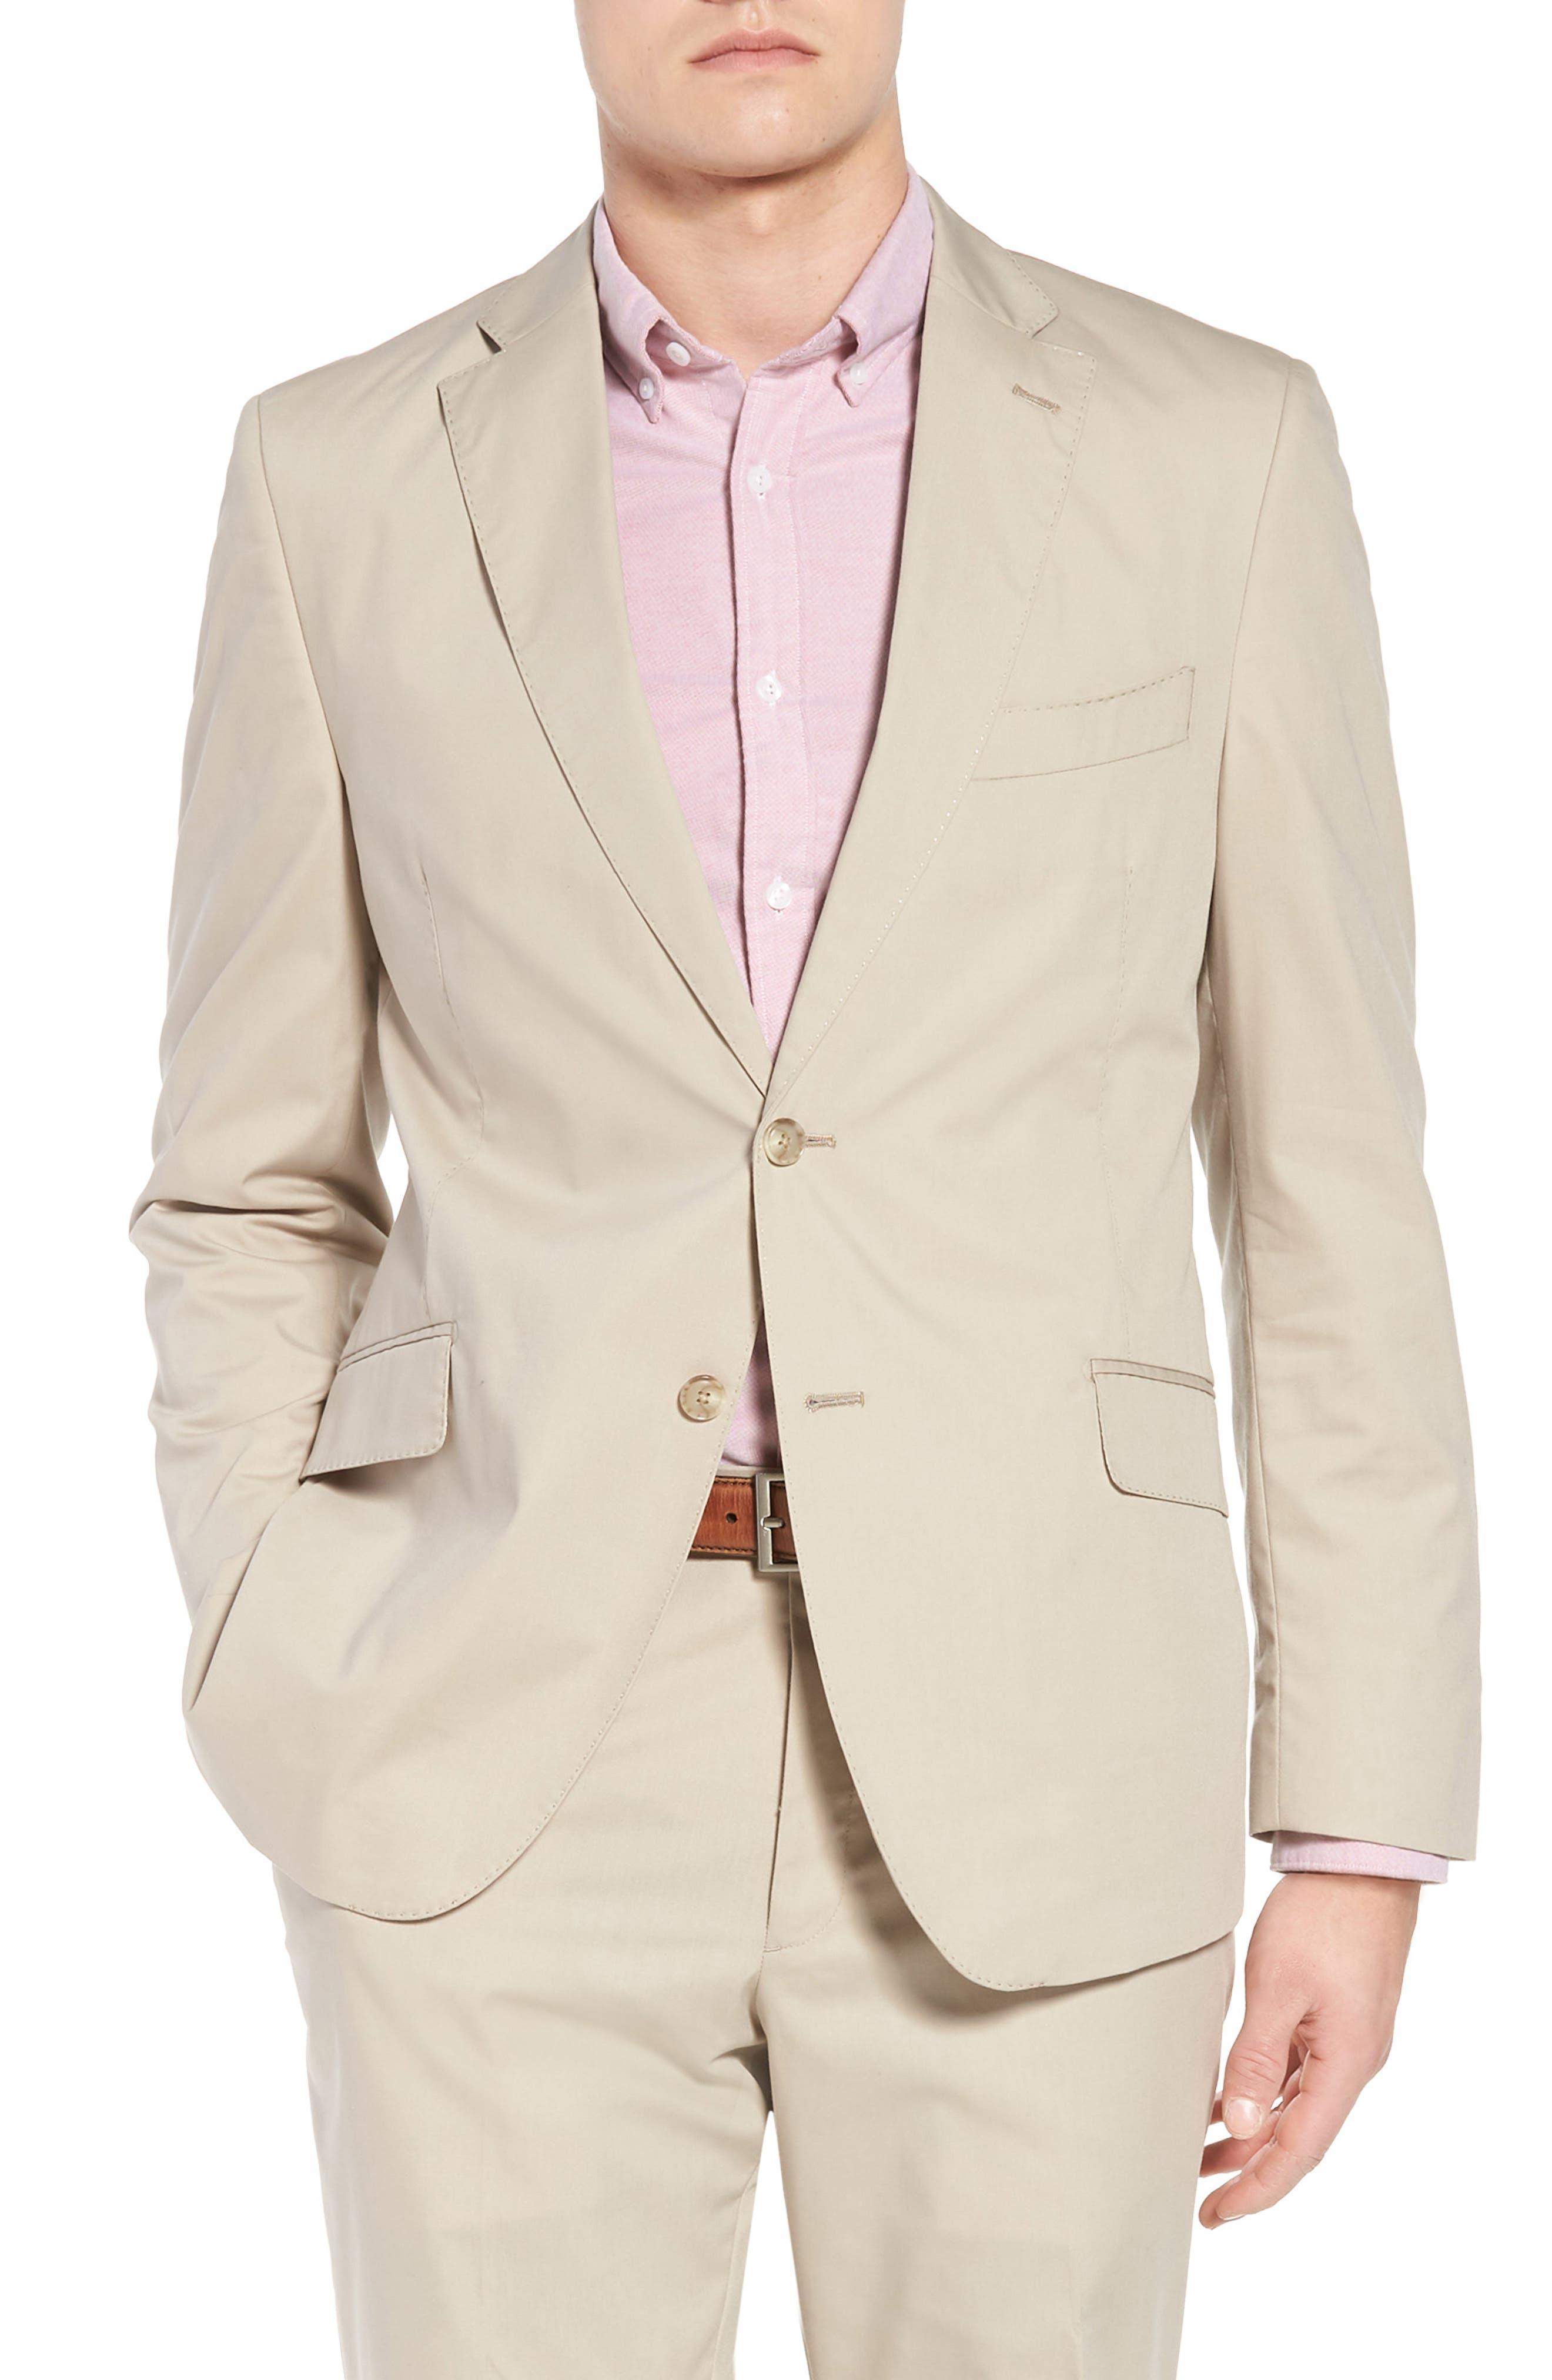 Irons AIM Classic Fit Solid Cotton Blend Suit,                             Alternate thumbnail 5, color,                             BEIGE